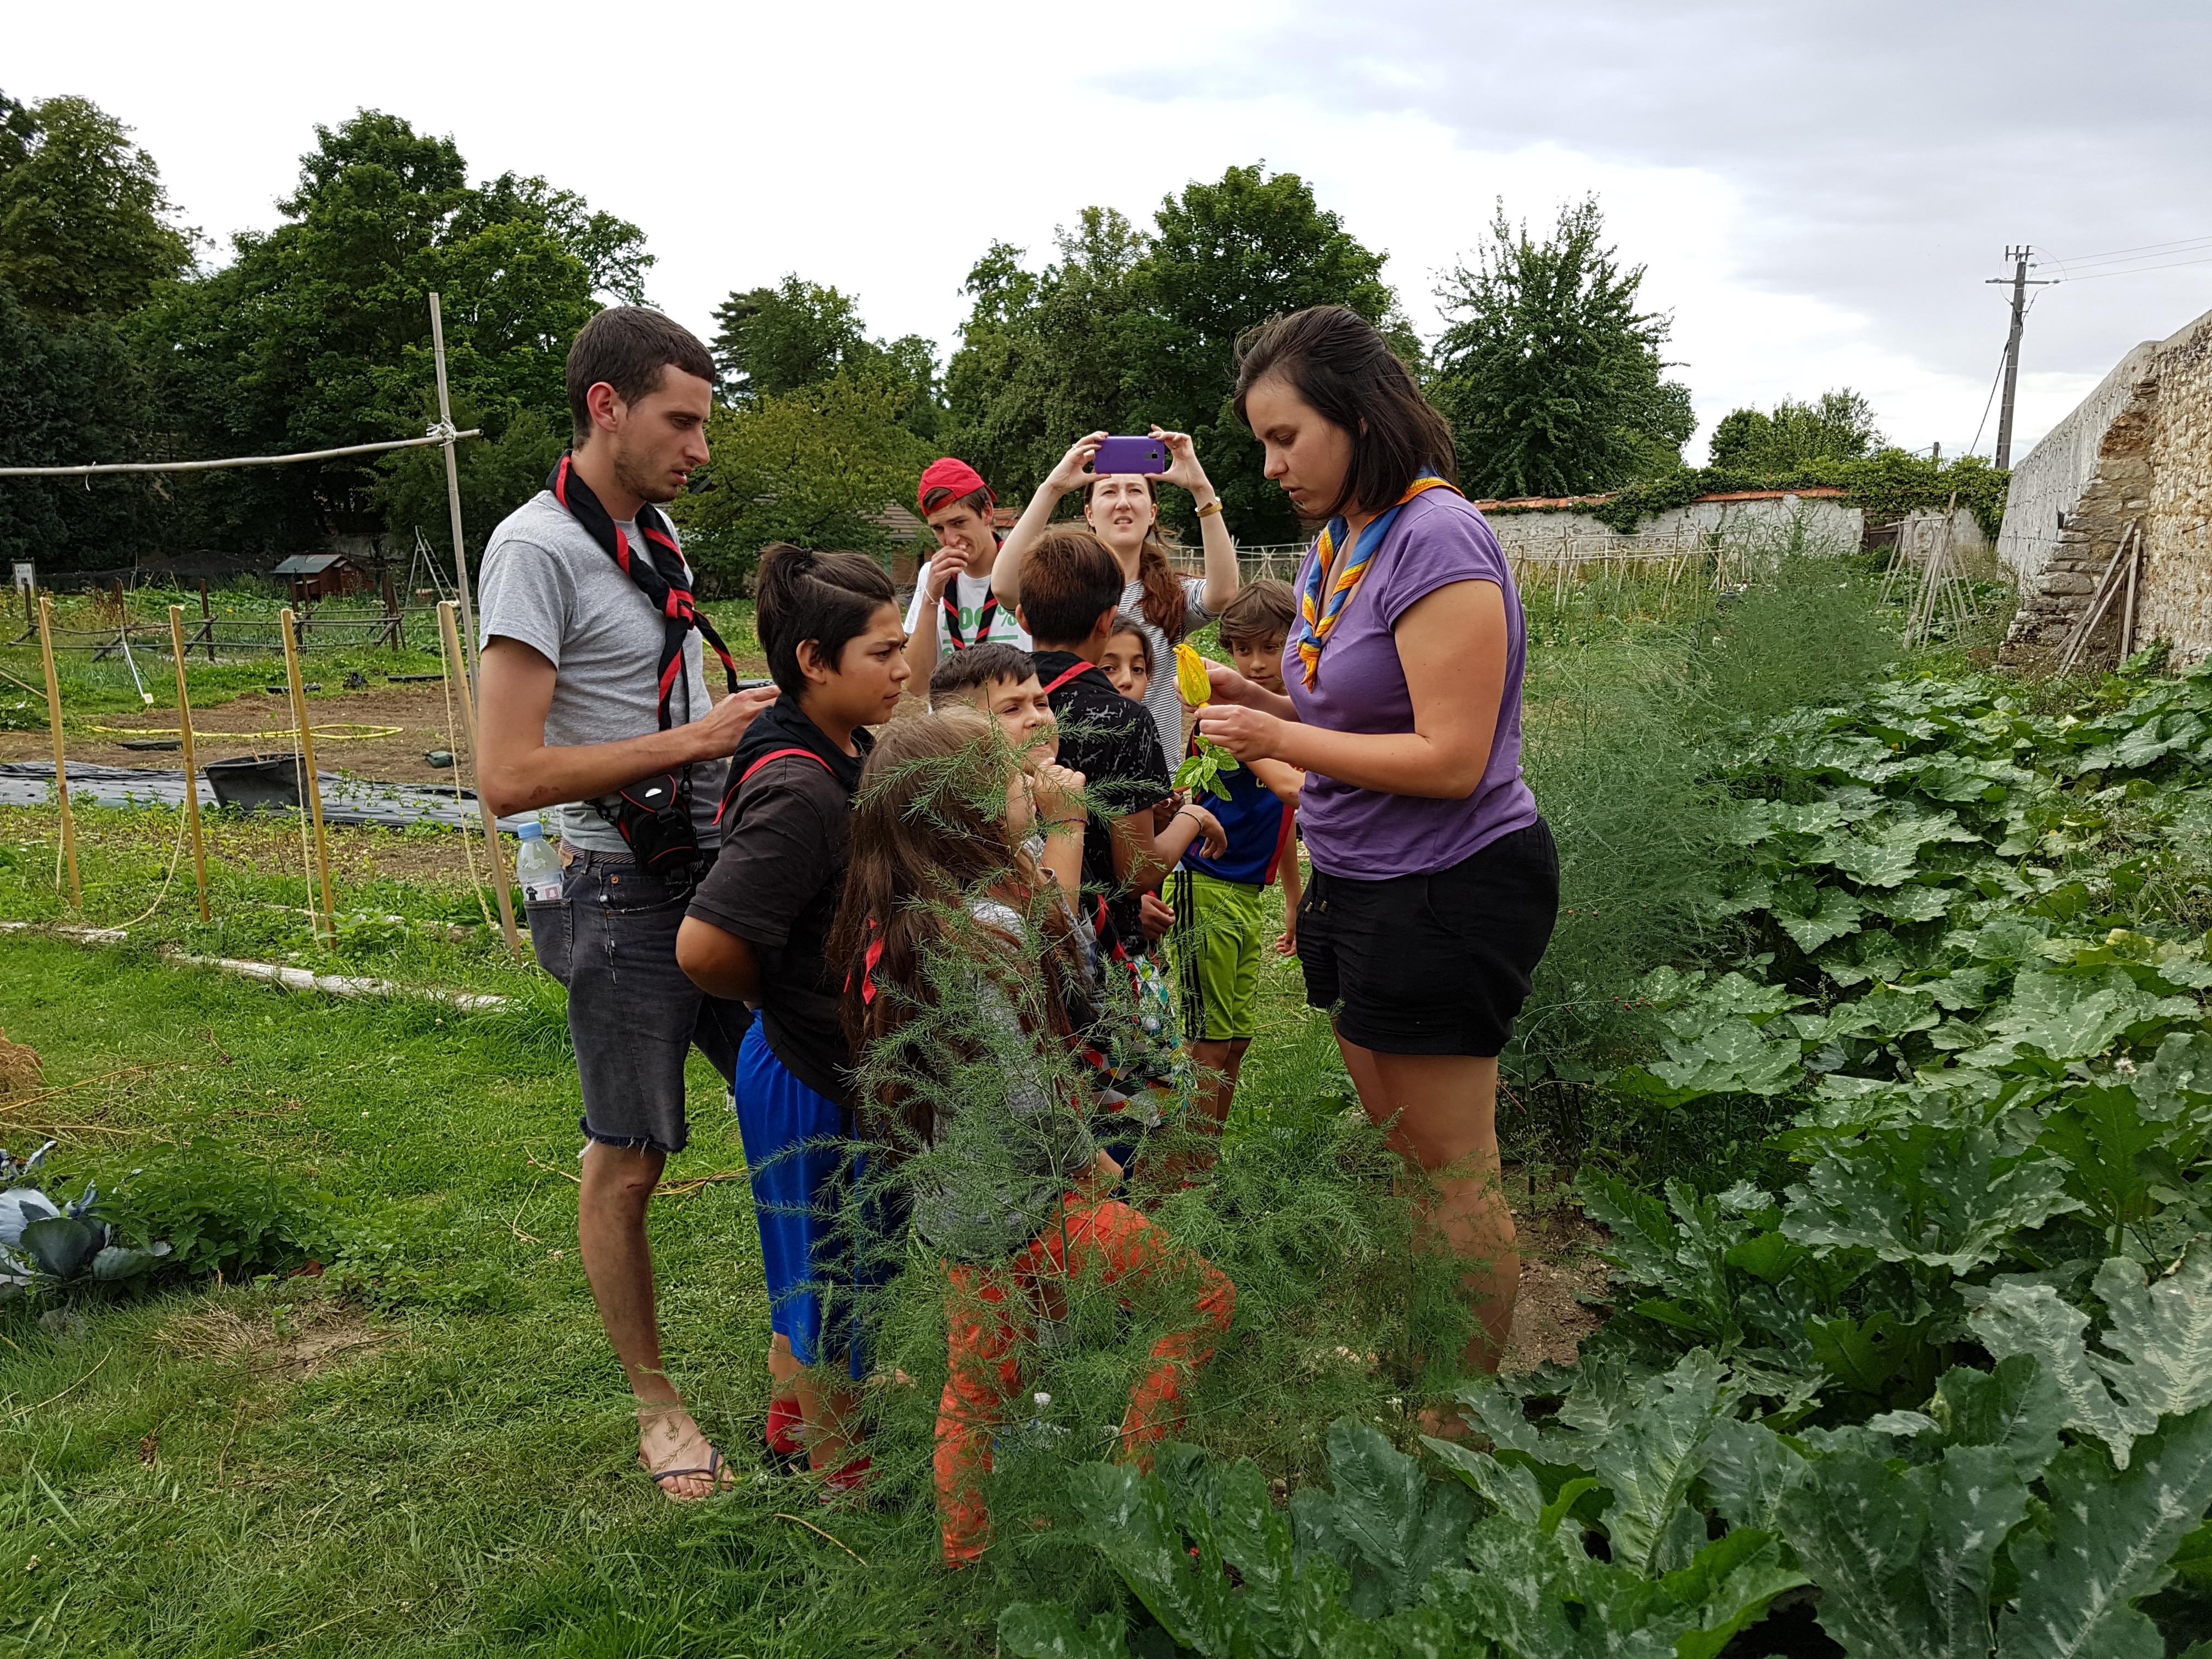 Les volontaires en service civique des projets romcivic et scolarisation de l'association les enfants du canal ont emmené des enfants issus des bidonvilles en camp scout.